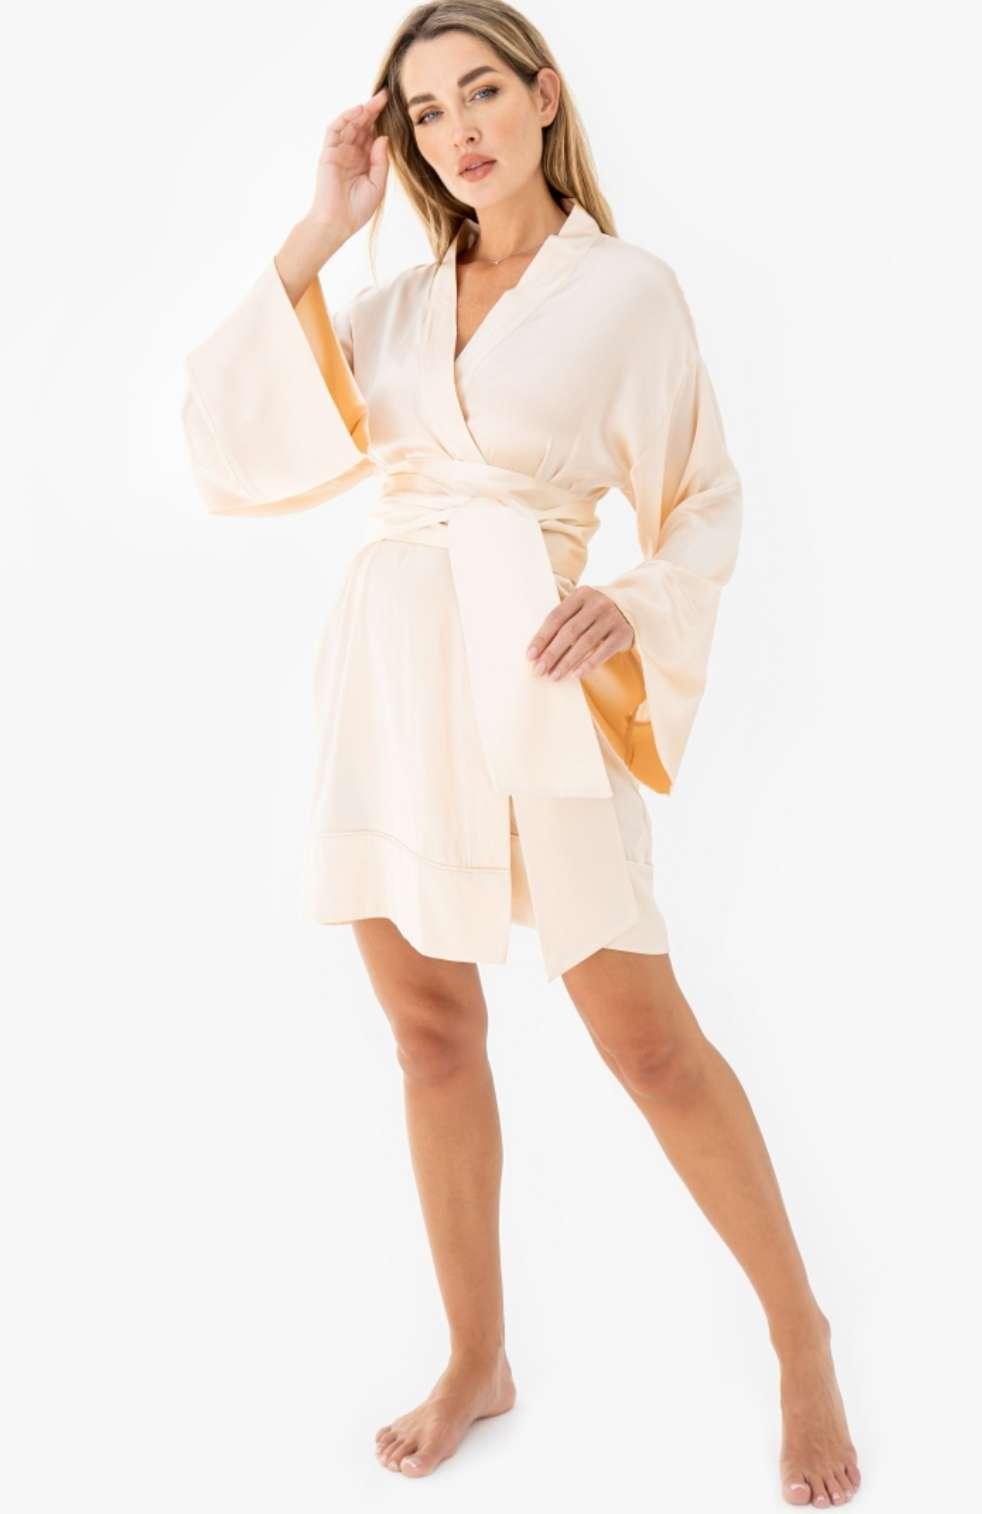 كوني جذابة هذا الصيف بملابس النوم الحريرية الجميلة من State of REM